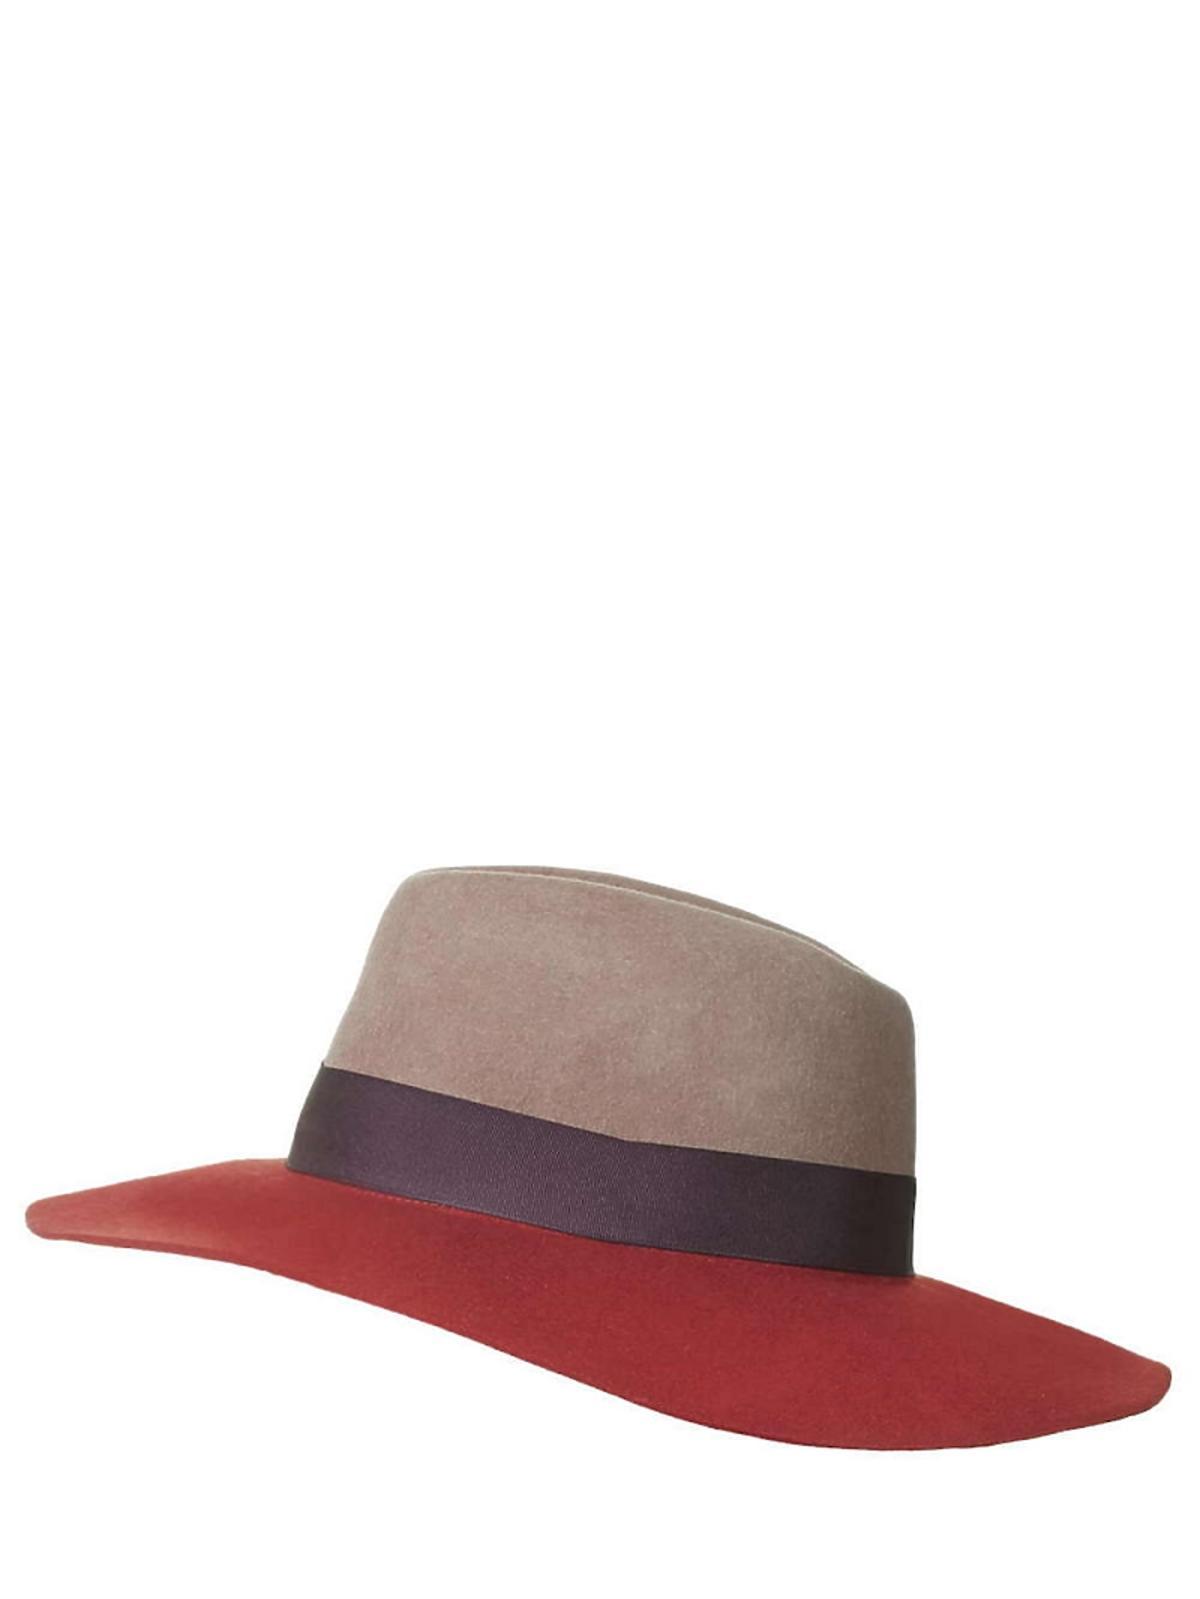 czerwono brązowy kapelusz